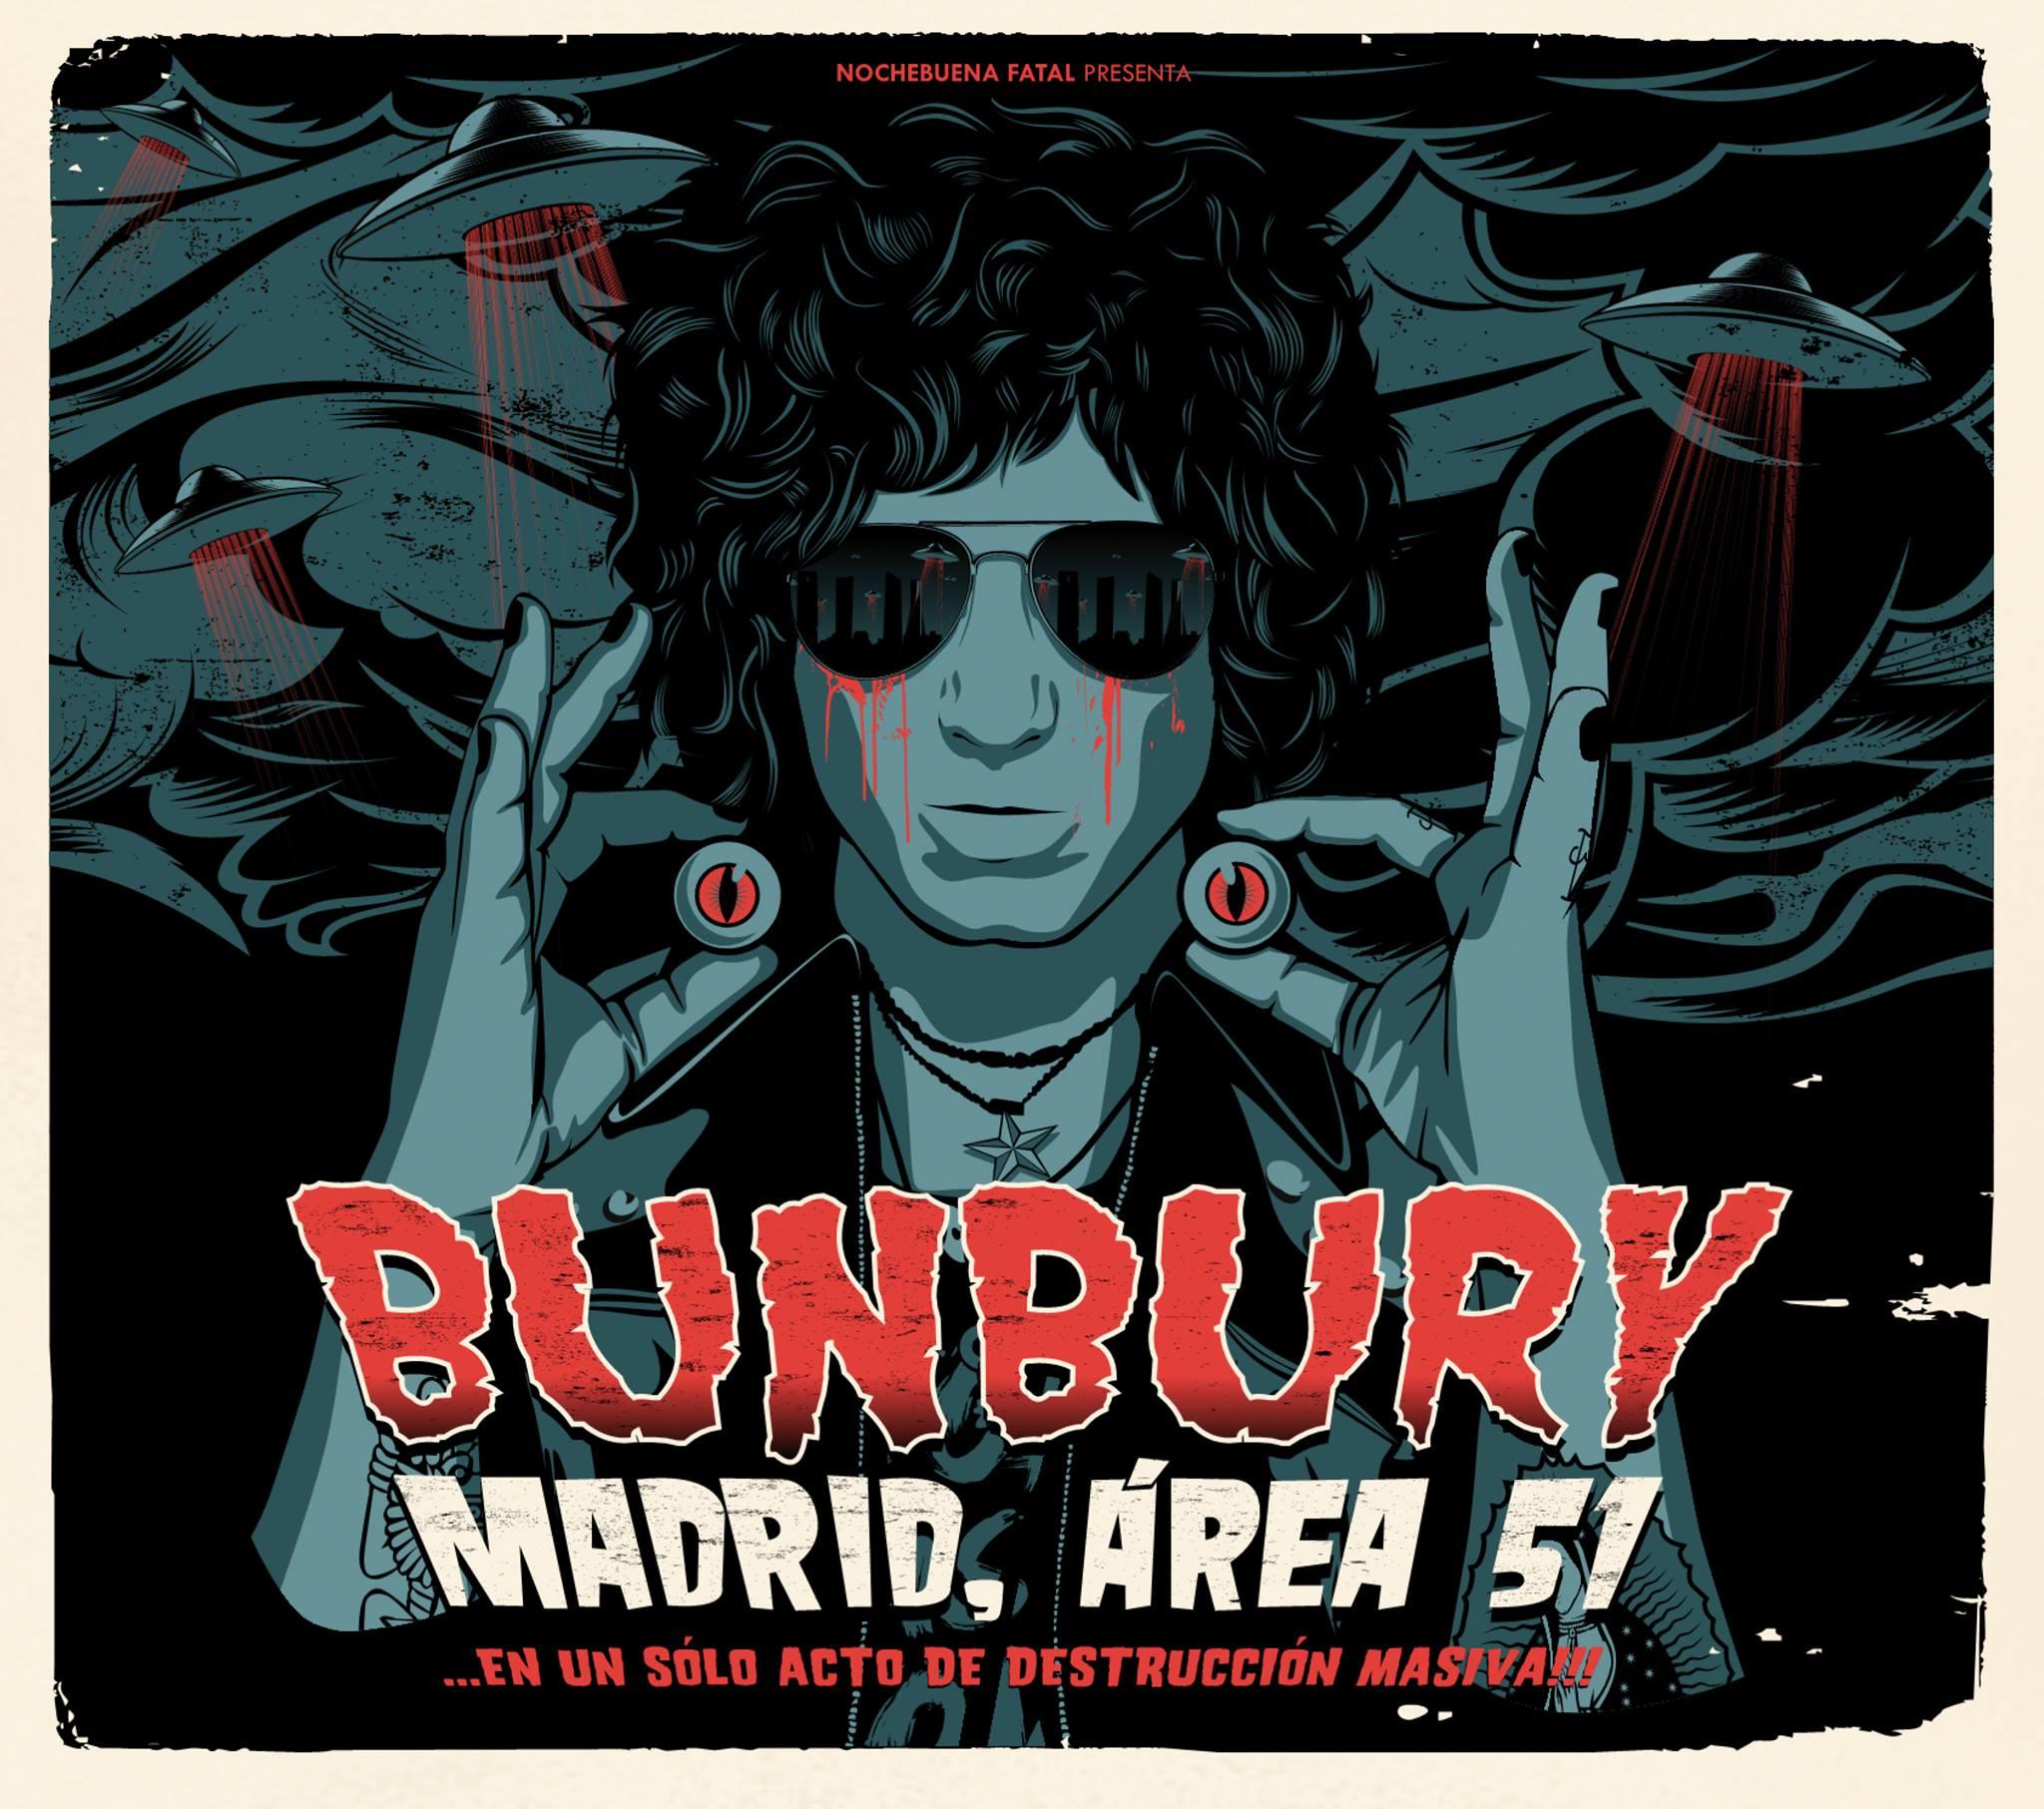 Bunbury Madrid Area 51